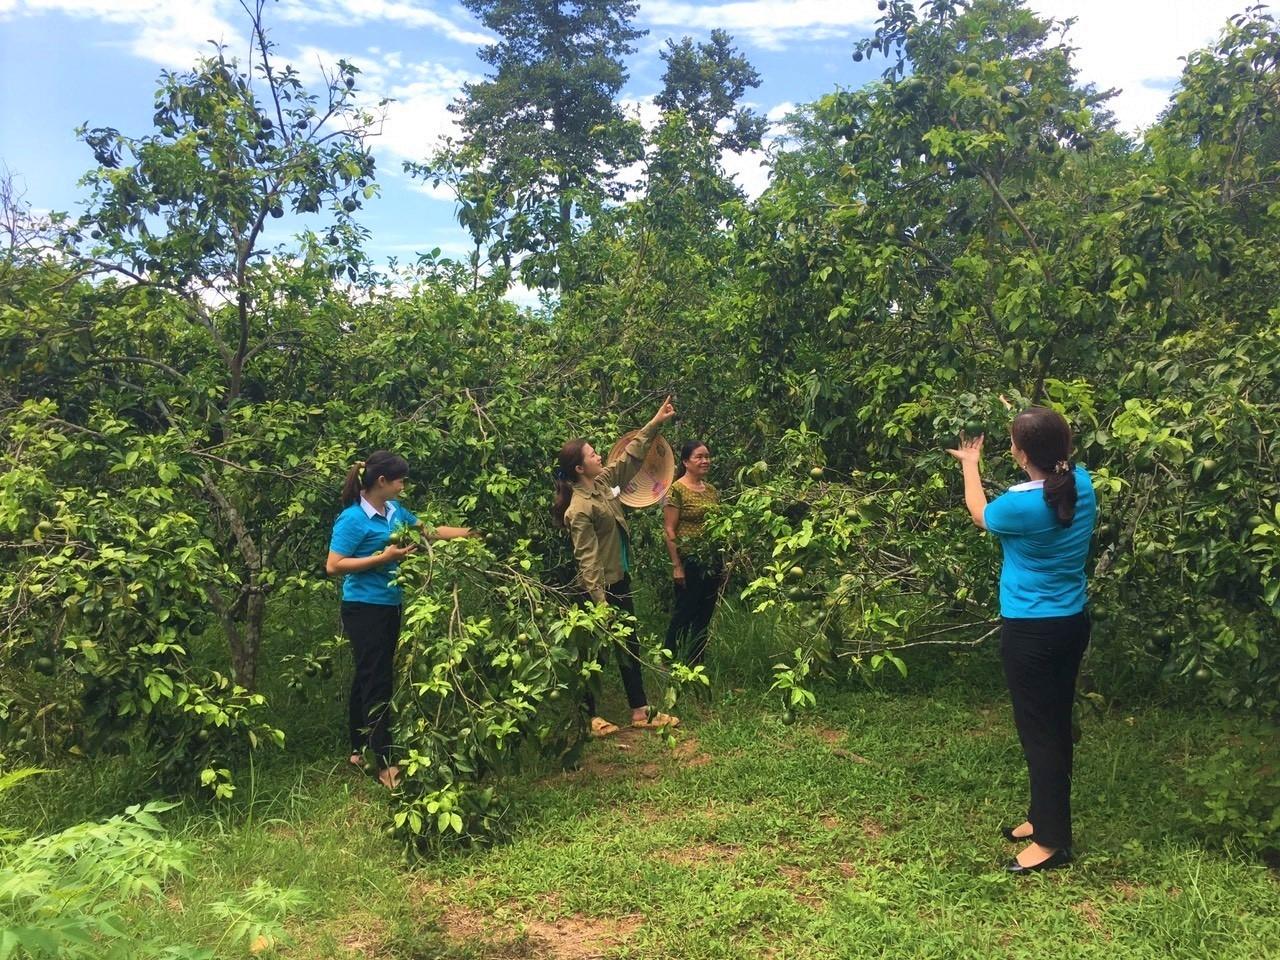 Hiệu quả từ mô hình trồng cam của gia đình chị Trương Thị Diệu Linh (đứng thứ 2 bên trái sang) ở xóm Tân Mùng, xã Tam Hợp, huyện Quỳ Hợp, Nghệ An.